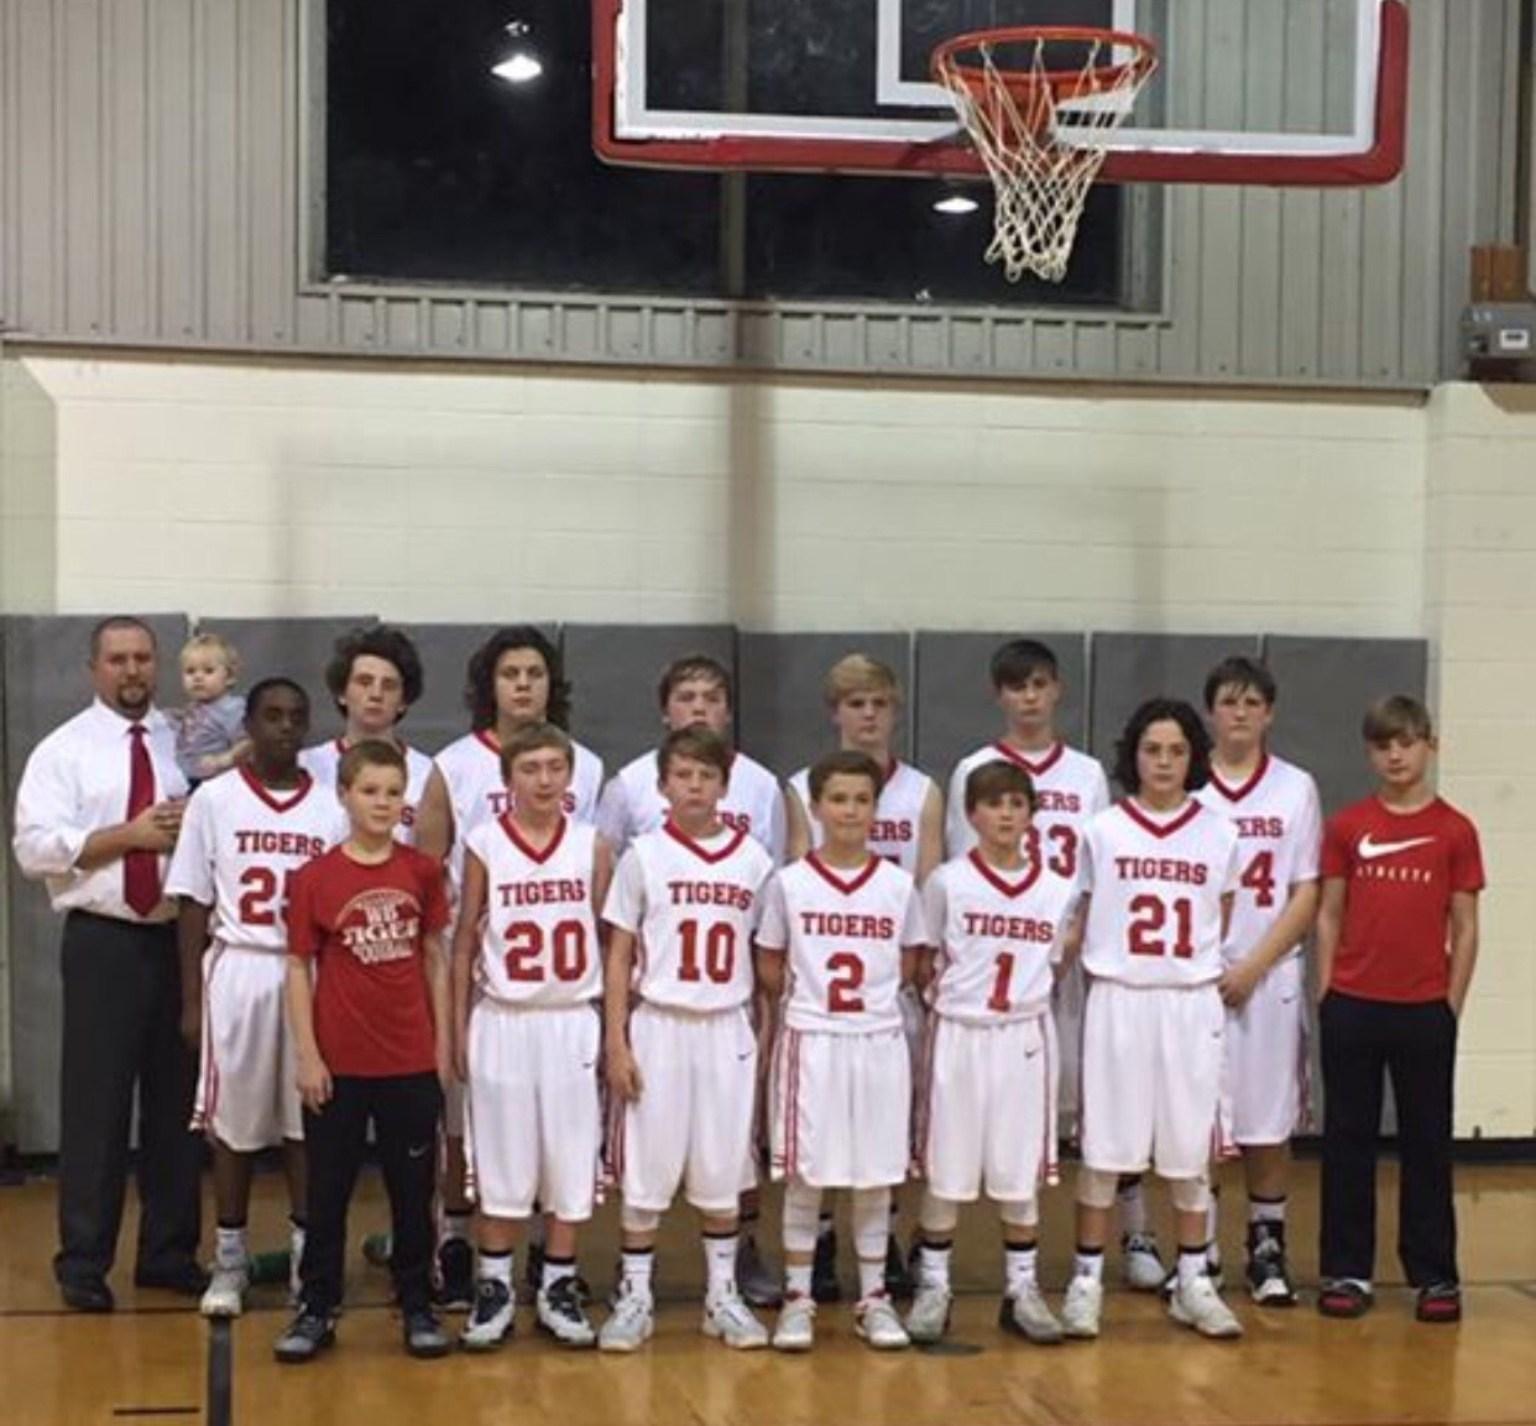 WBMS 2016-17 Boys Basketball team